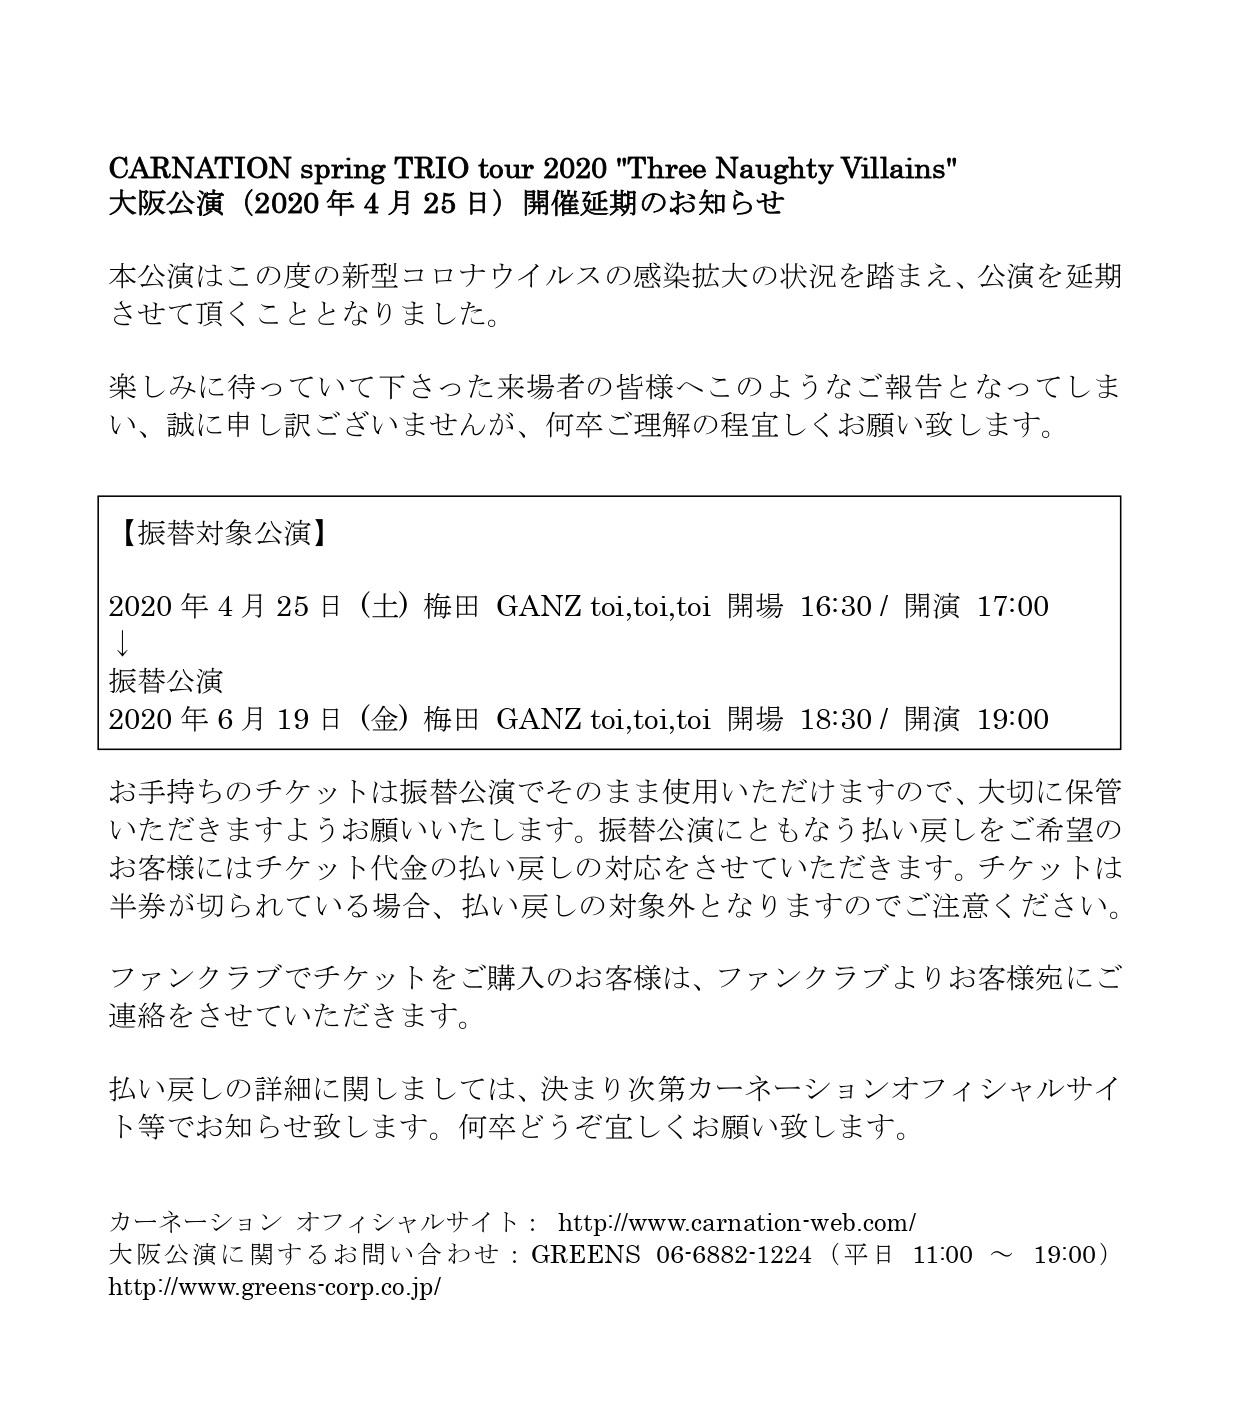 http://www.carnation-web.com/news/postponed_osaka2020.jpg